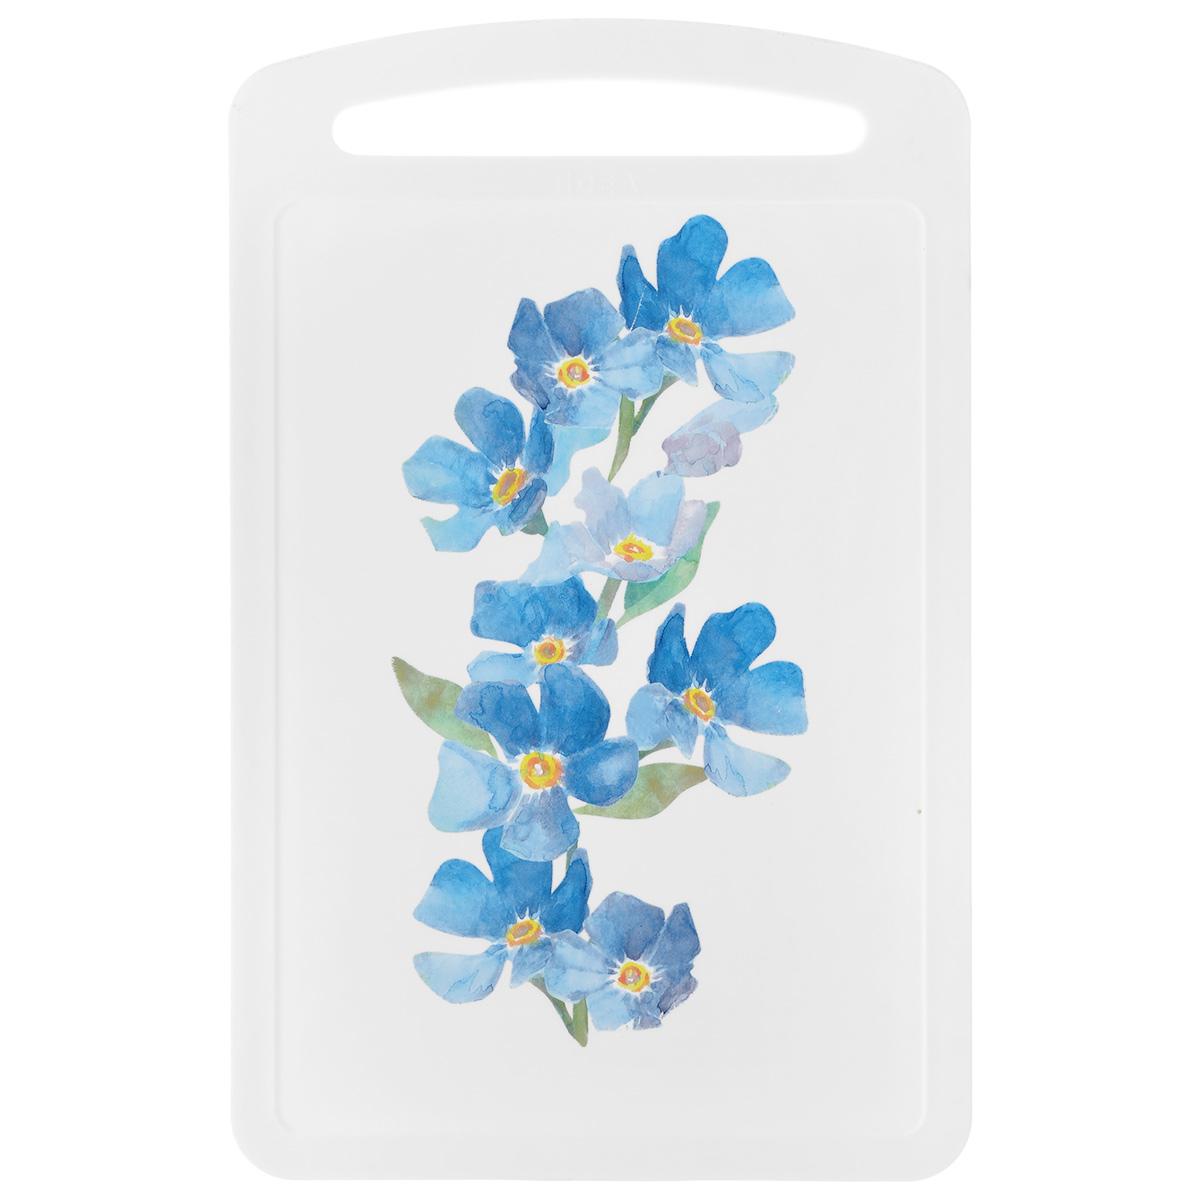 Доска разделочная Idea Голубые цветы, 27,5 см х 17 см54 009312Разделочная доска Idea Голубые цветы изготовлена из высококачественного пищевого пластика с красивым цветочным рисунком. Изделие снабжено ручкой и желобками по краю для стока жидкости.